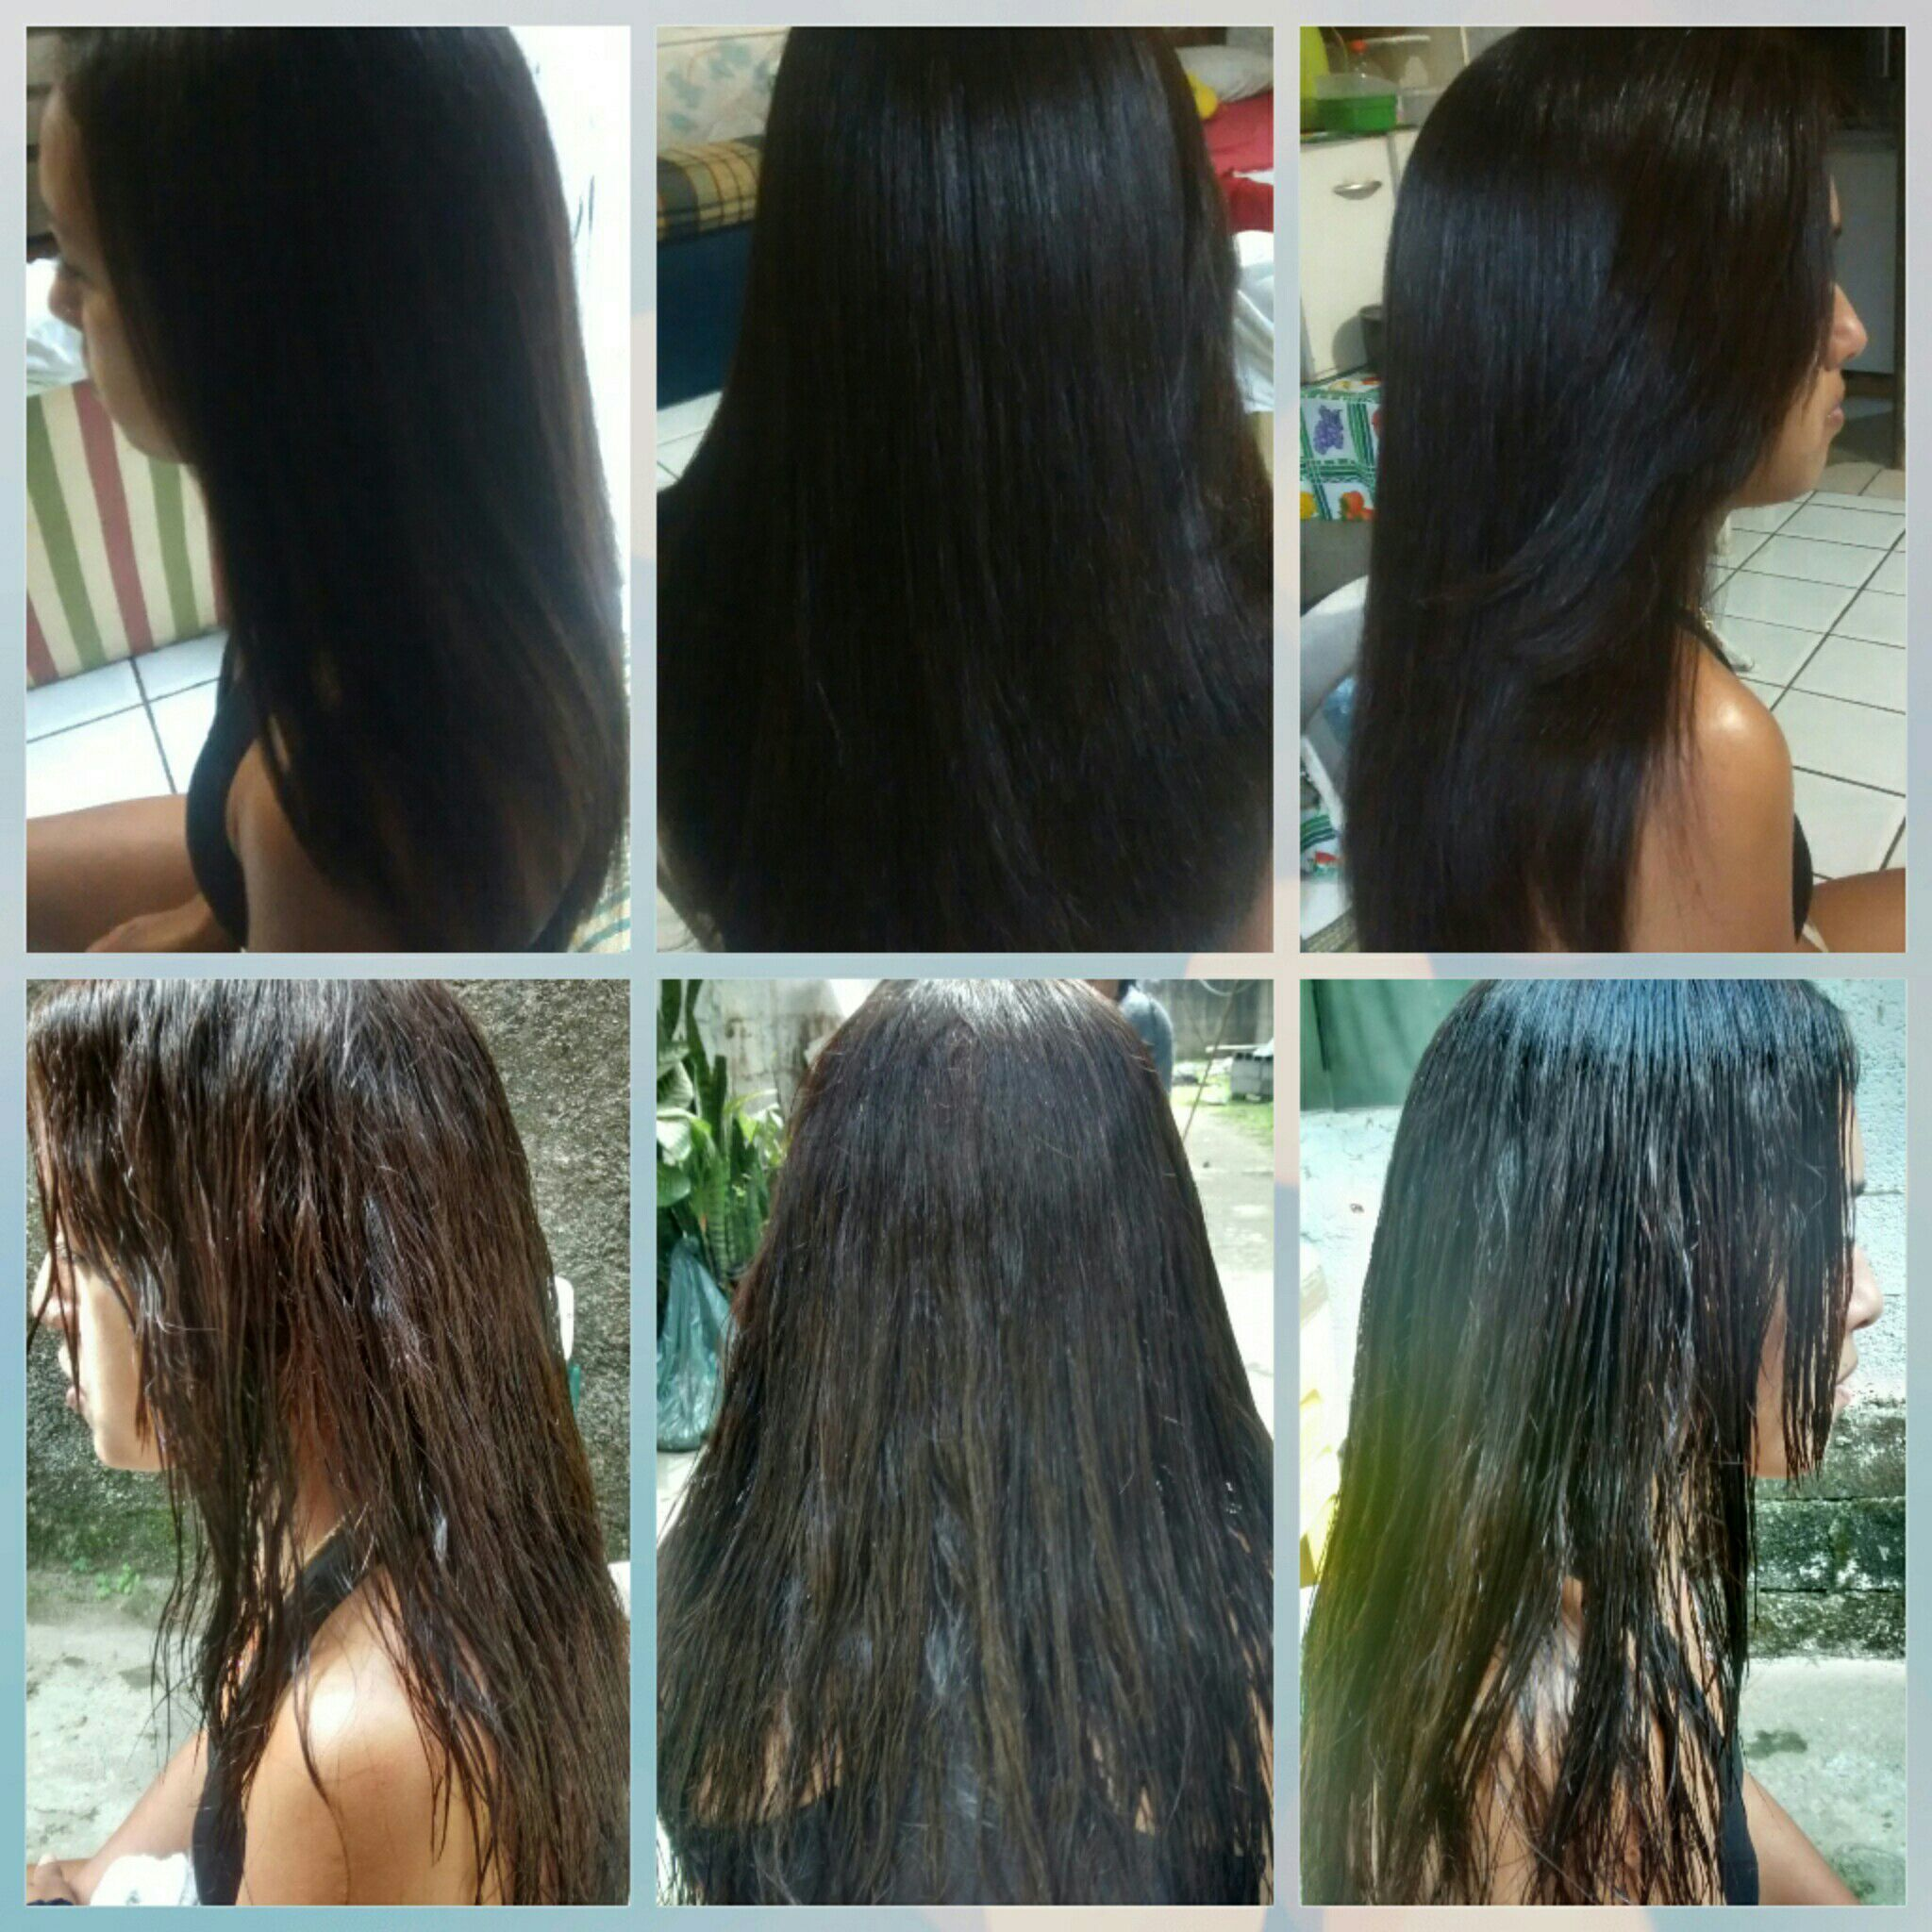 Hidratação e Reconstrução dos fios... cabelo auxiliar administrativo auxiliar cabeleireiro(a) recepcionista